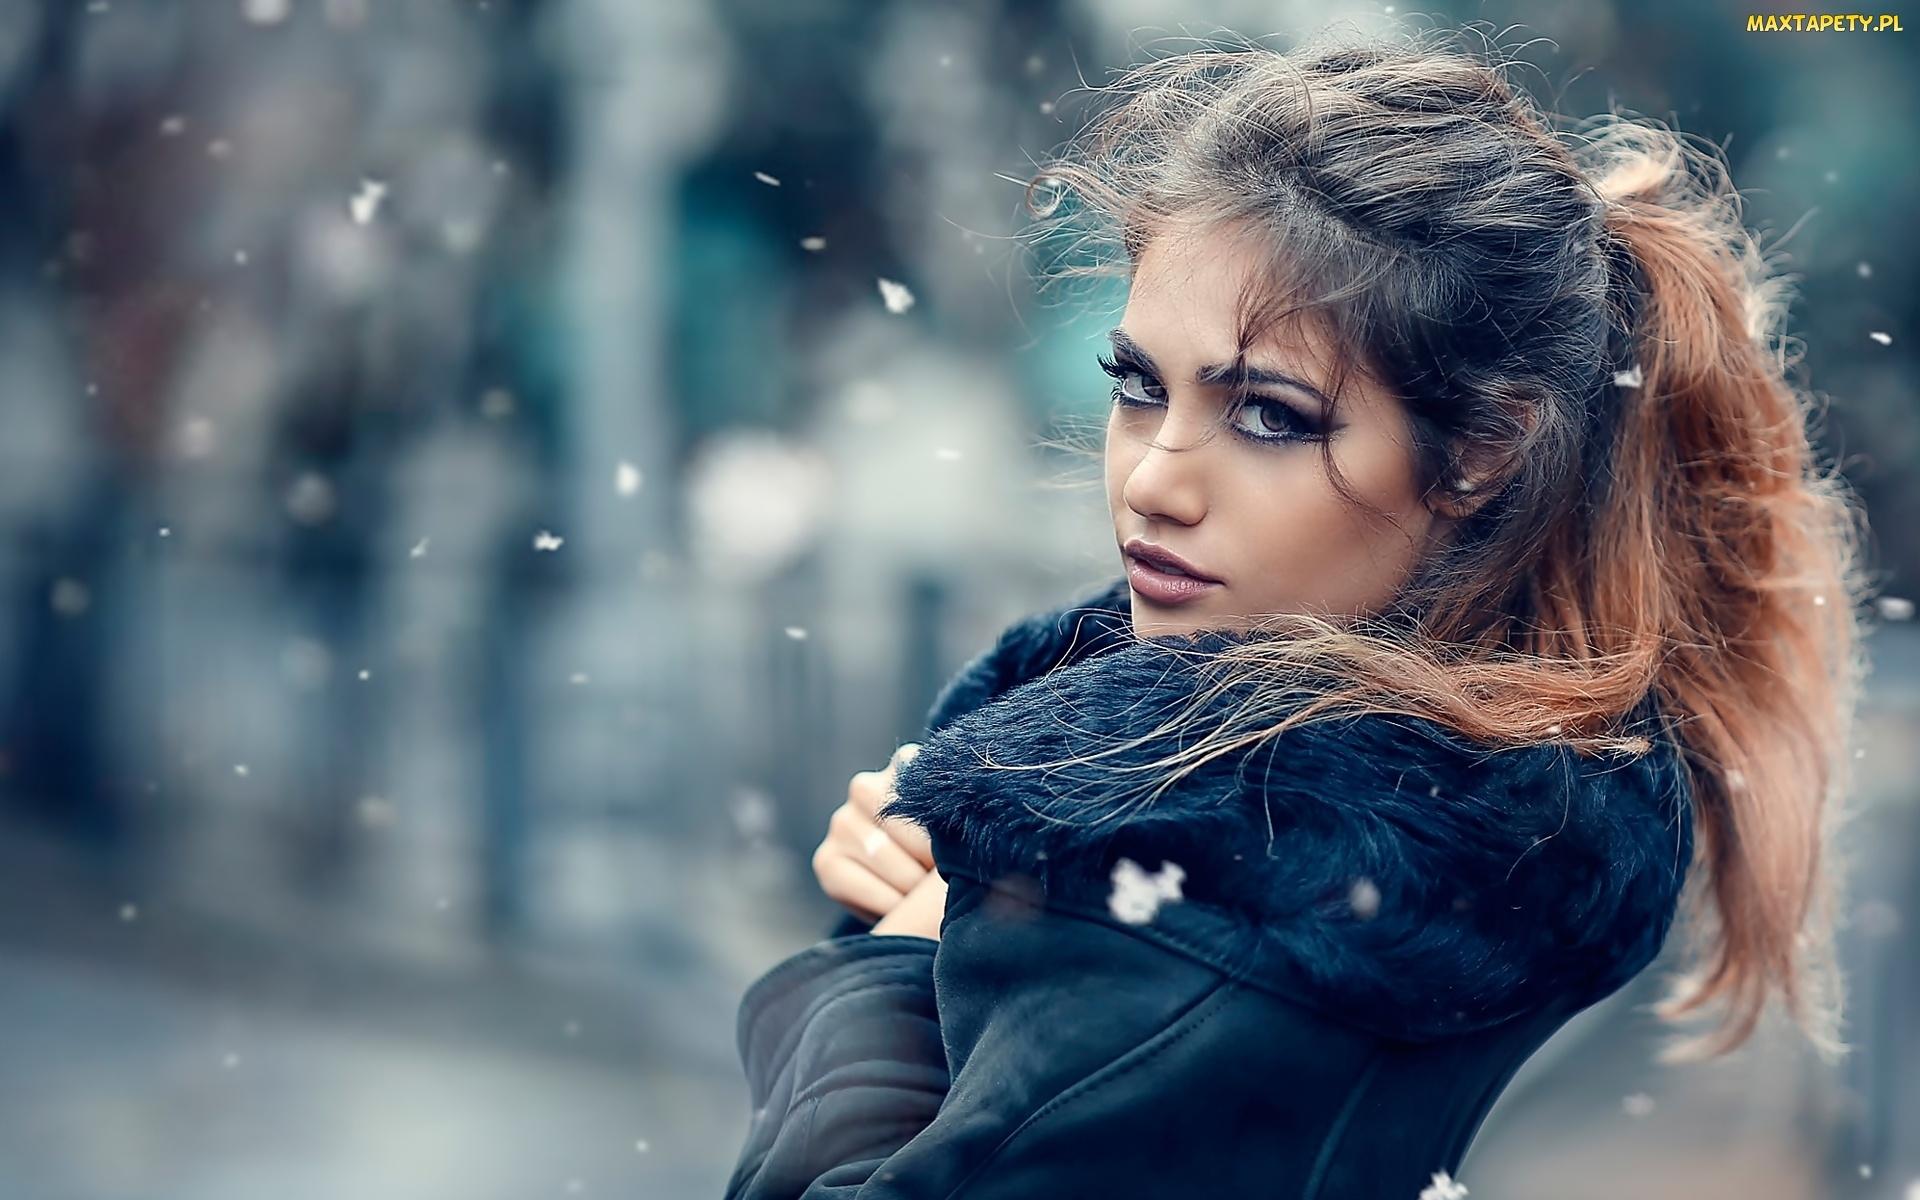 tapety, zdjęcia - makijaż, dziewczyna